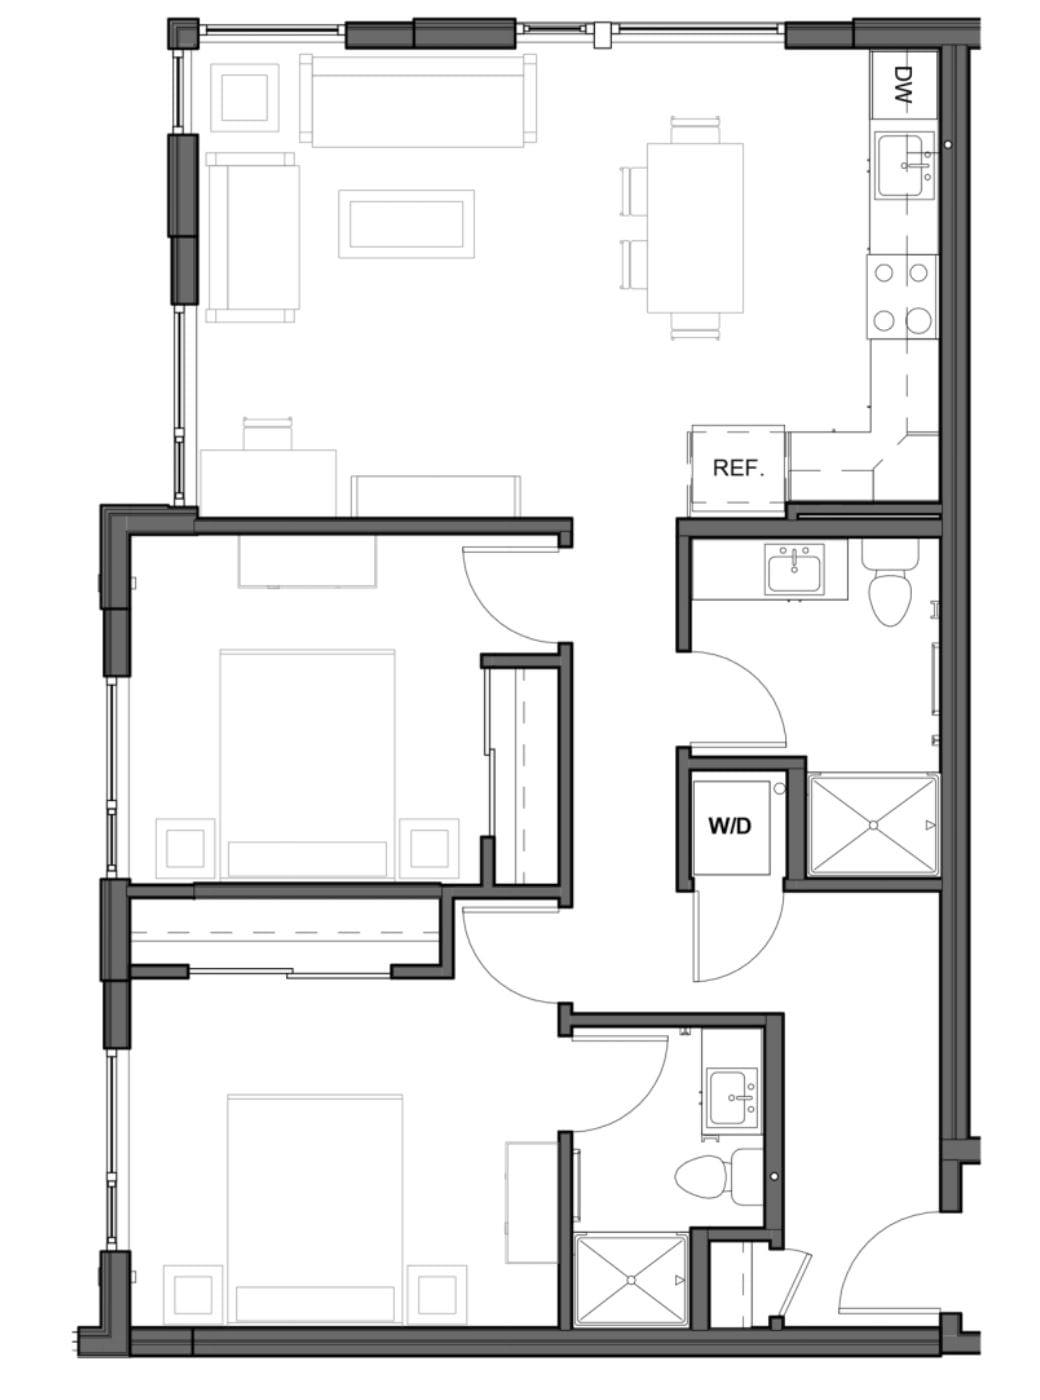 2 BD 2 BA – D2 Floor Plan